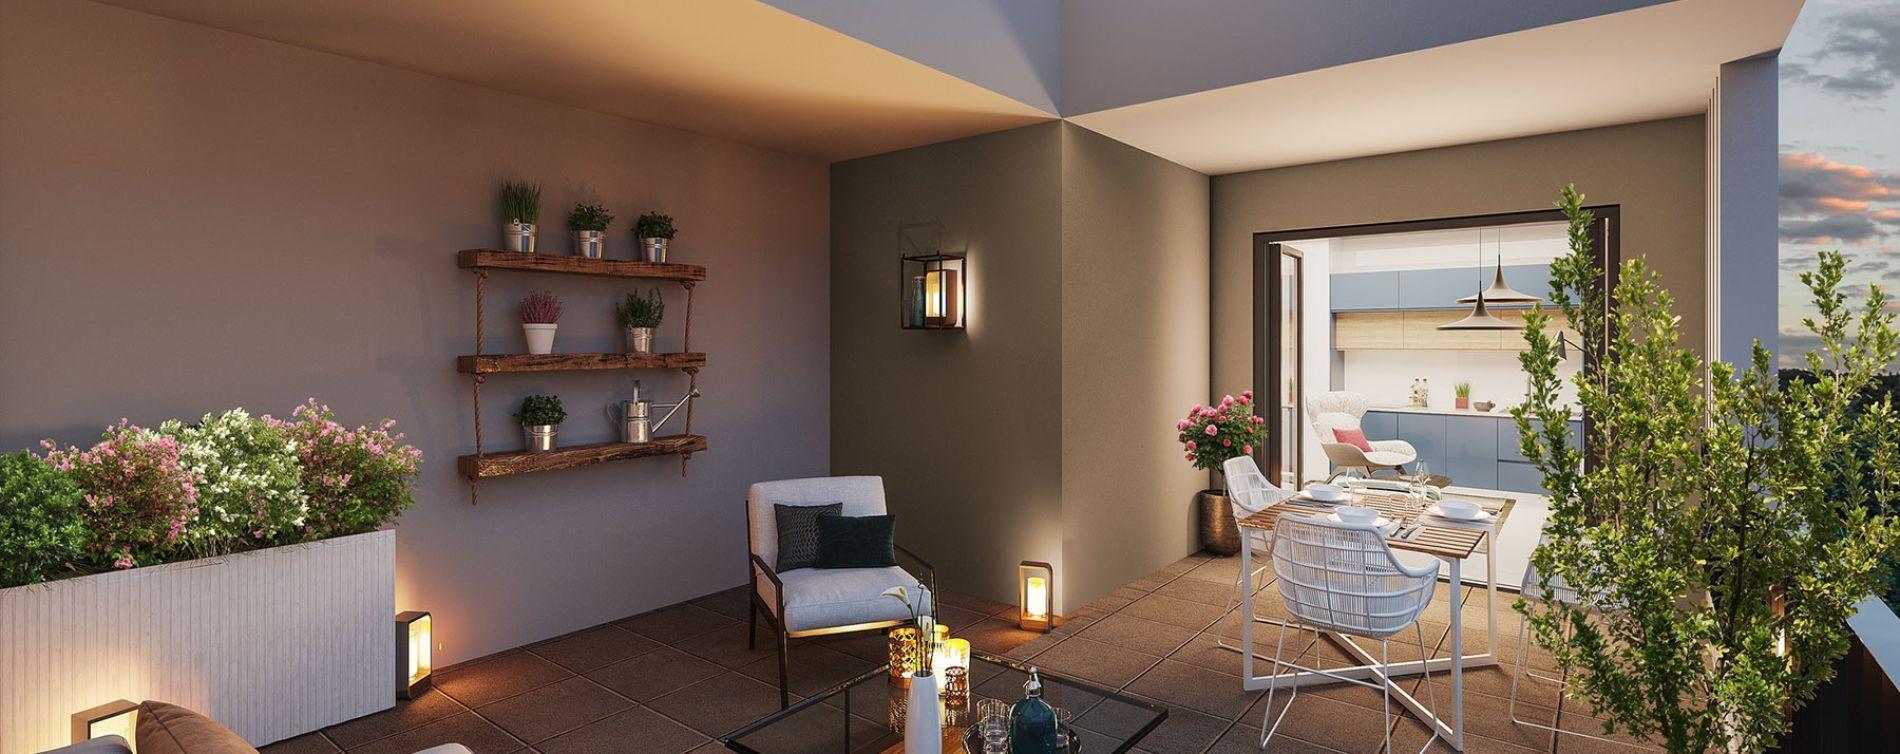 Castelnau-le-Lez : programme immobilier neuve « Programme immobilier n°219306 » en Loi Pinel